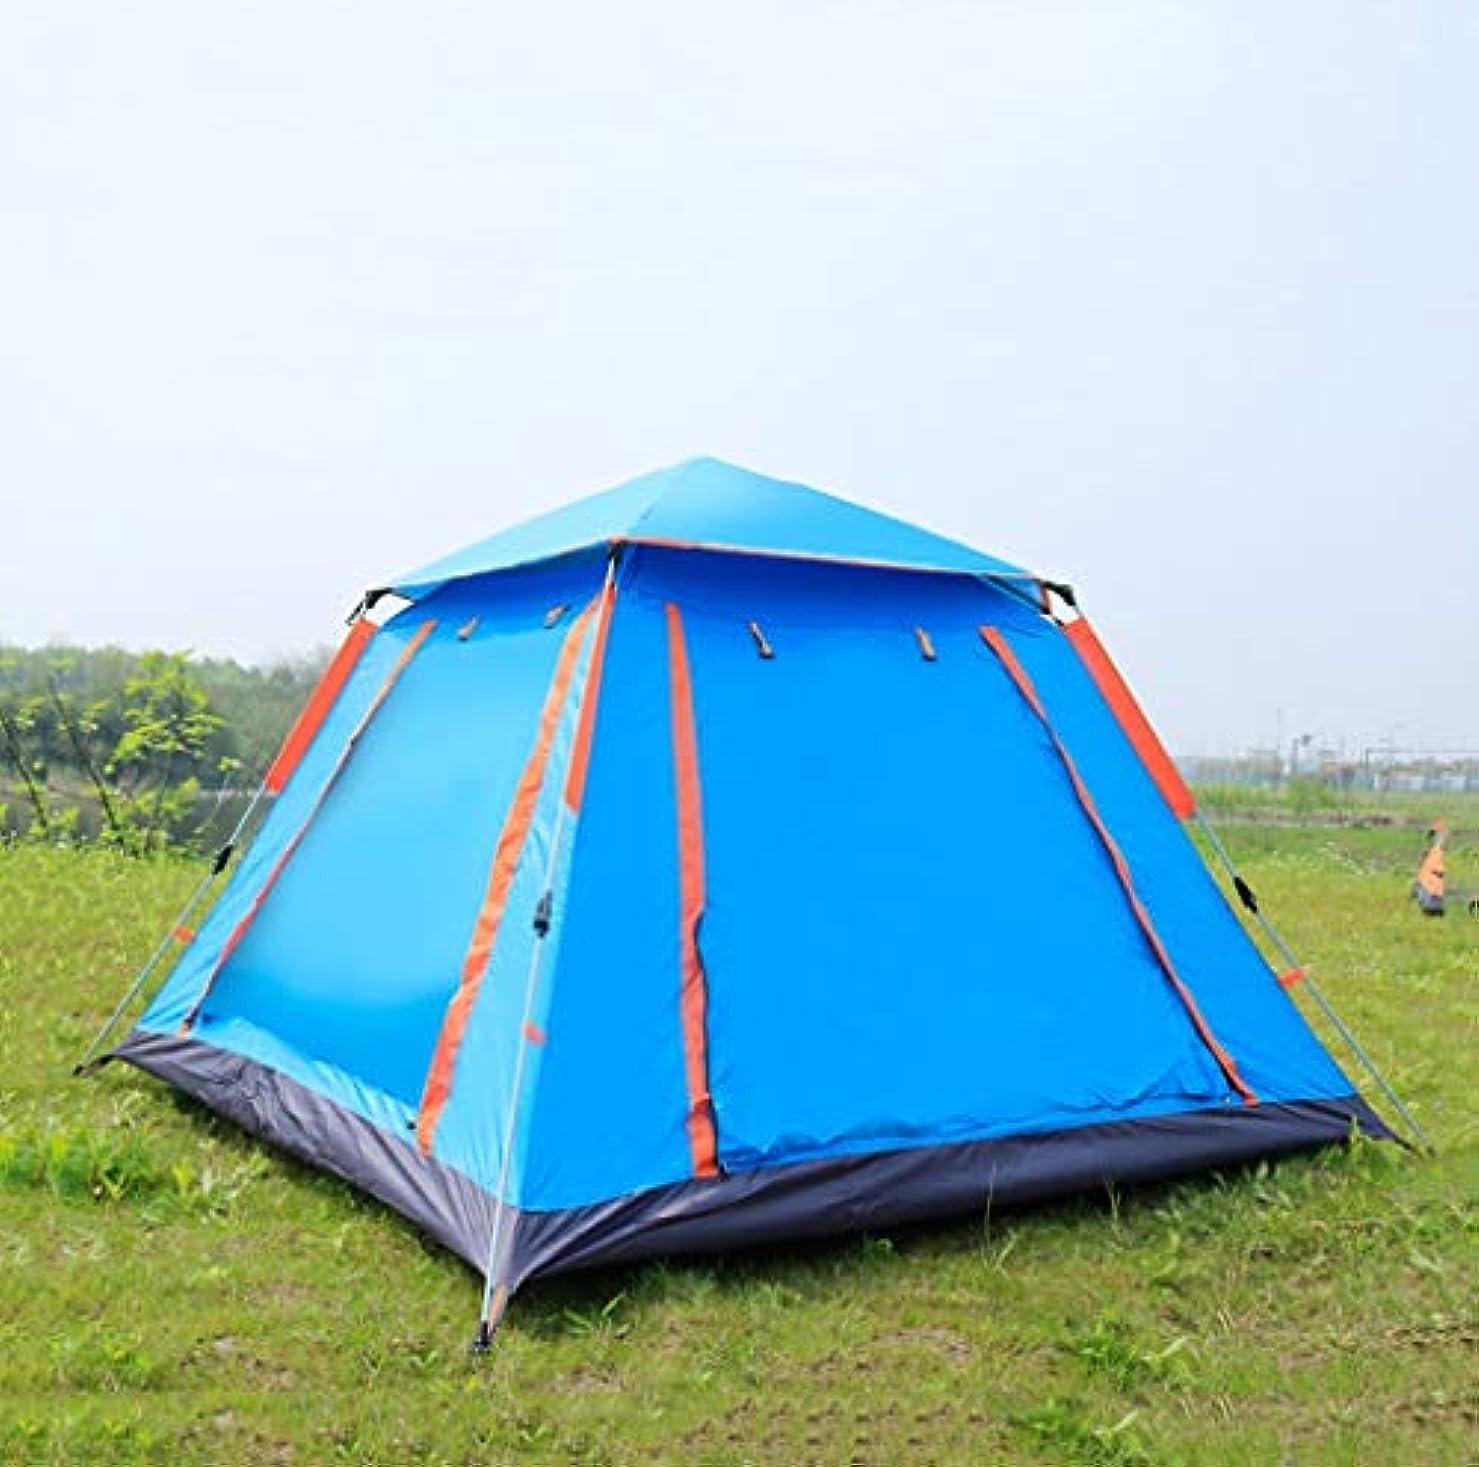 出くわすロイヤリティ着実にLIAN アウトドア自動スピードオープンテントビーチキャンプテント防雨多人数キャンプテント用ハイキングピクニックバックパッキング旅行 (Color : Blue)